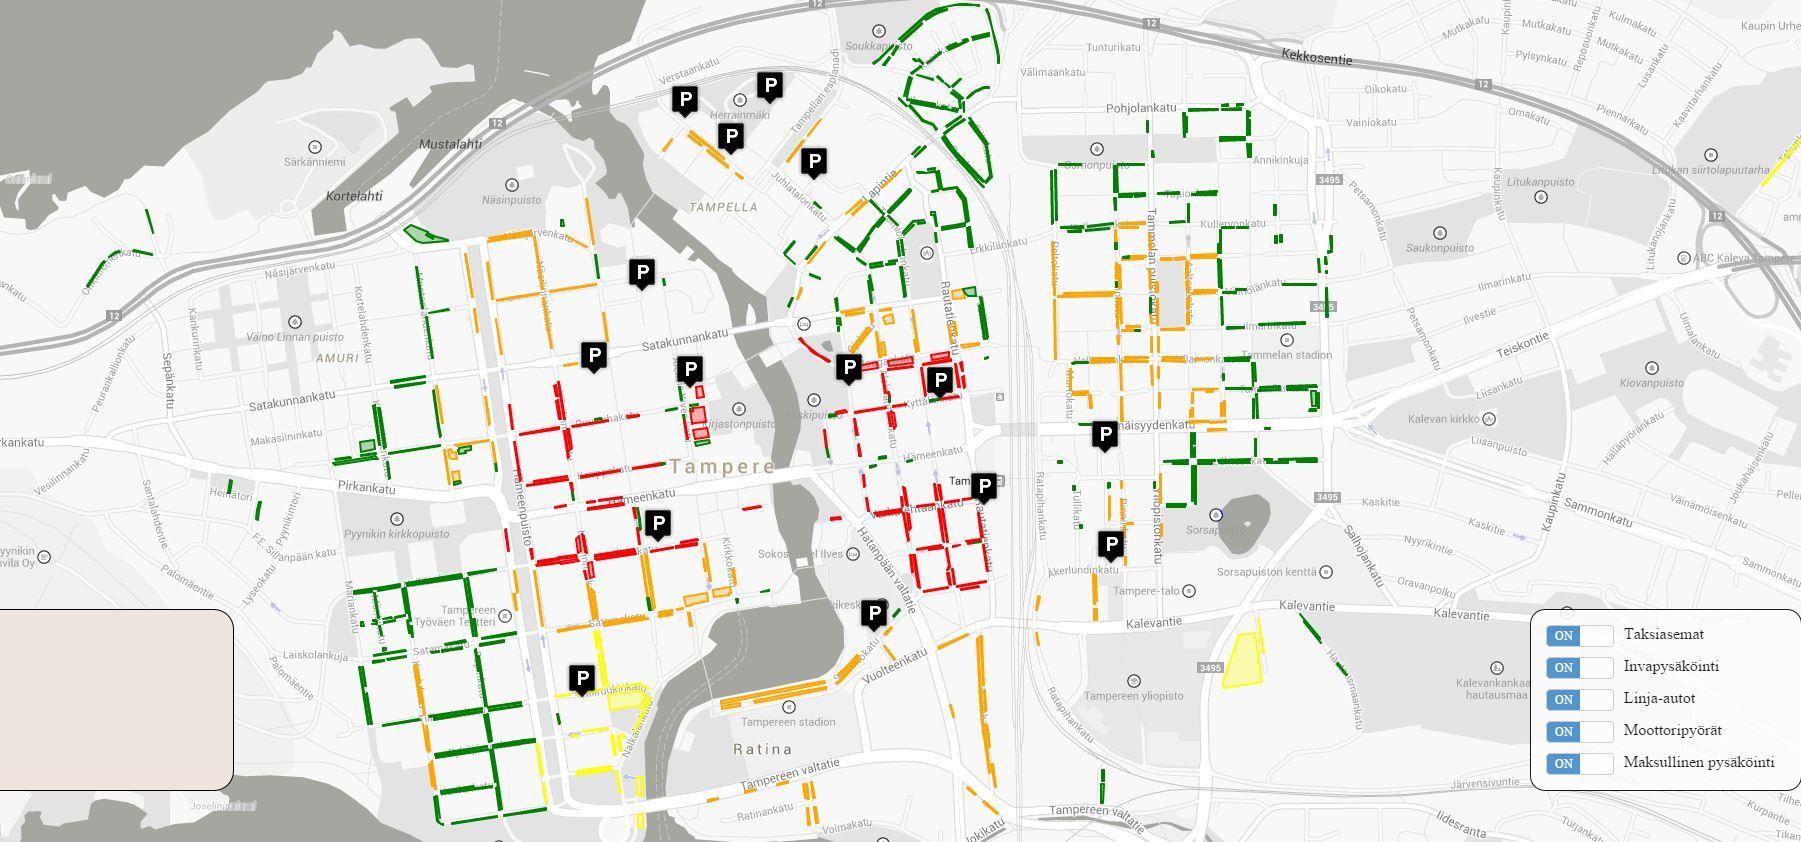 Tampere pysäköinti ilmainen – Koti ja villieläinten